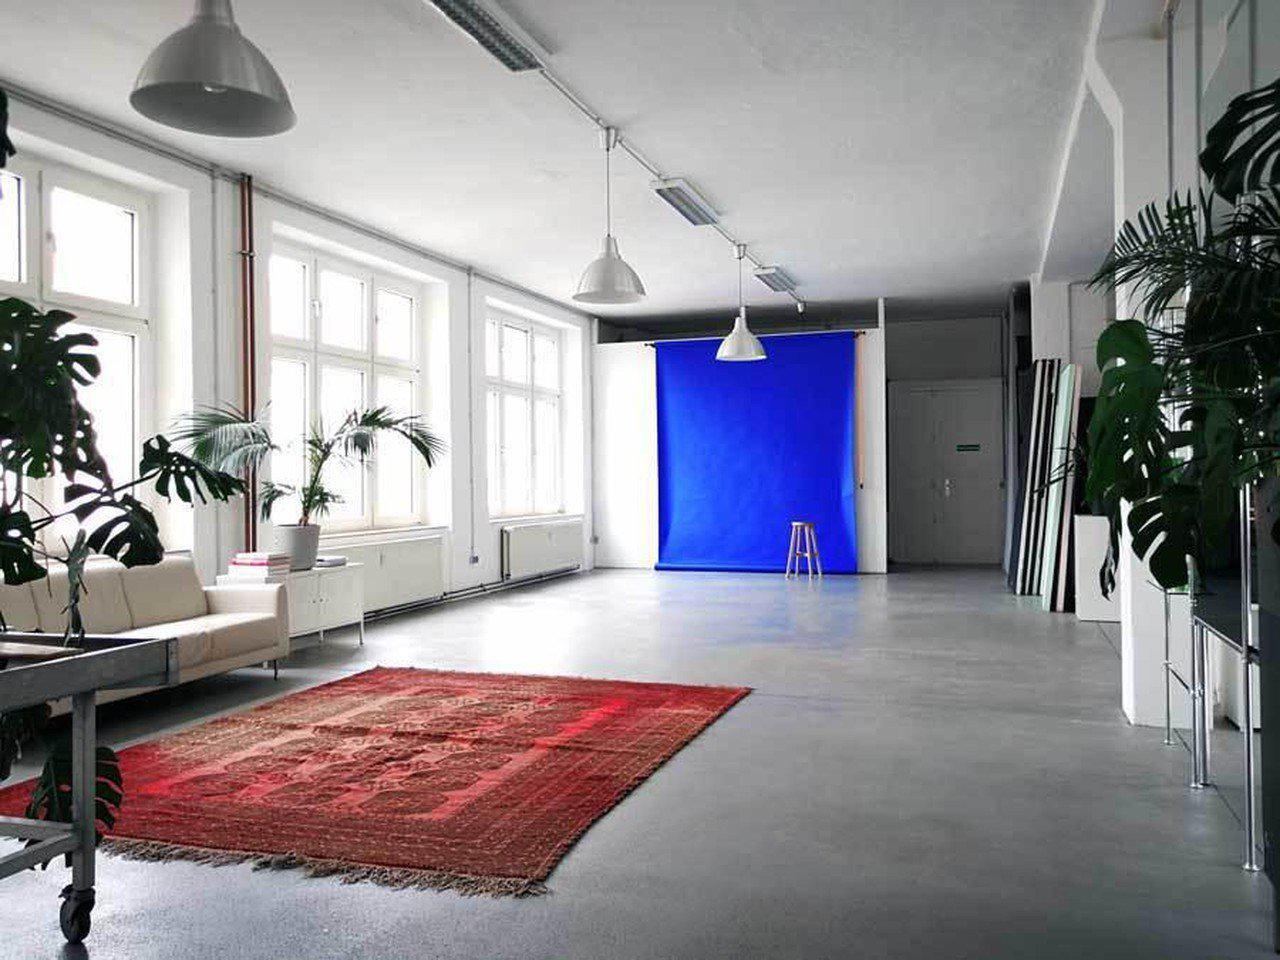 ikonic photostudio 1 mieten in berlin. Black Bedroom Furniture Sets. Home Design Ideas